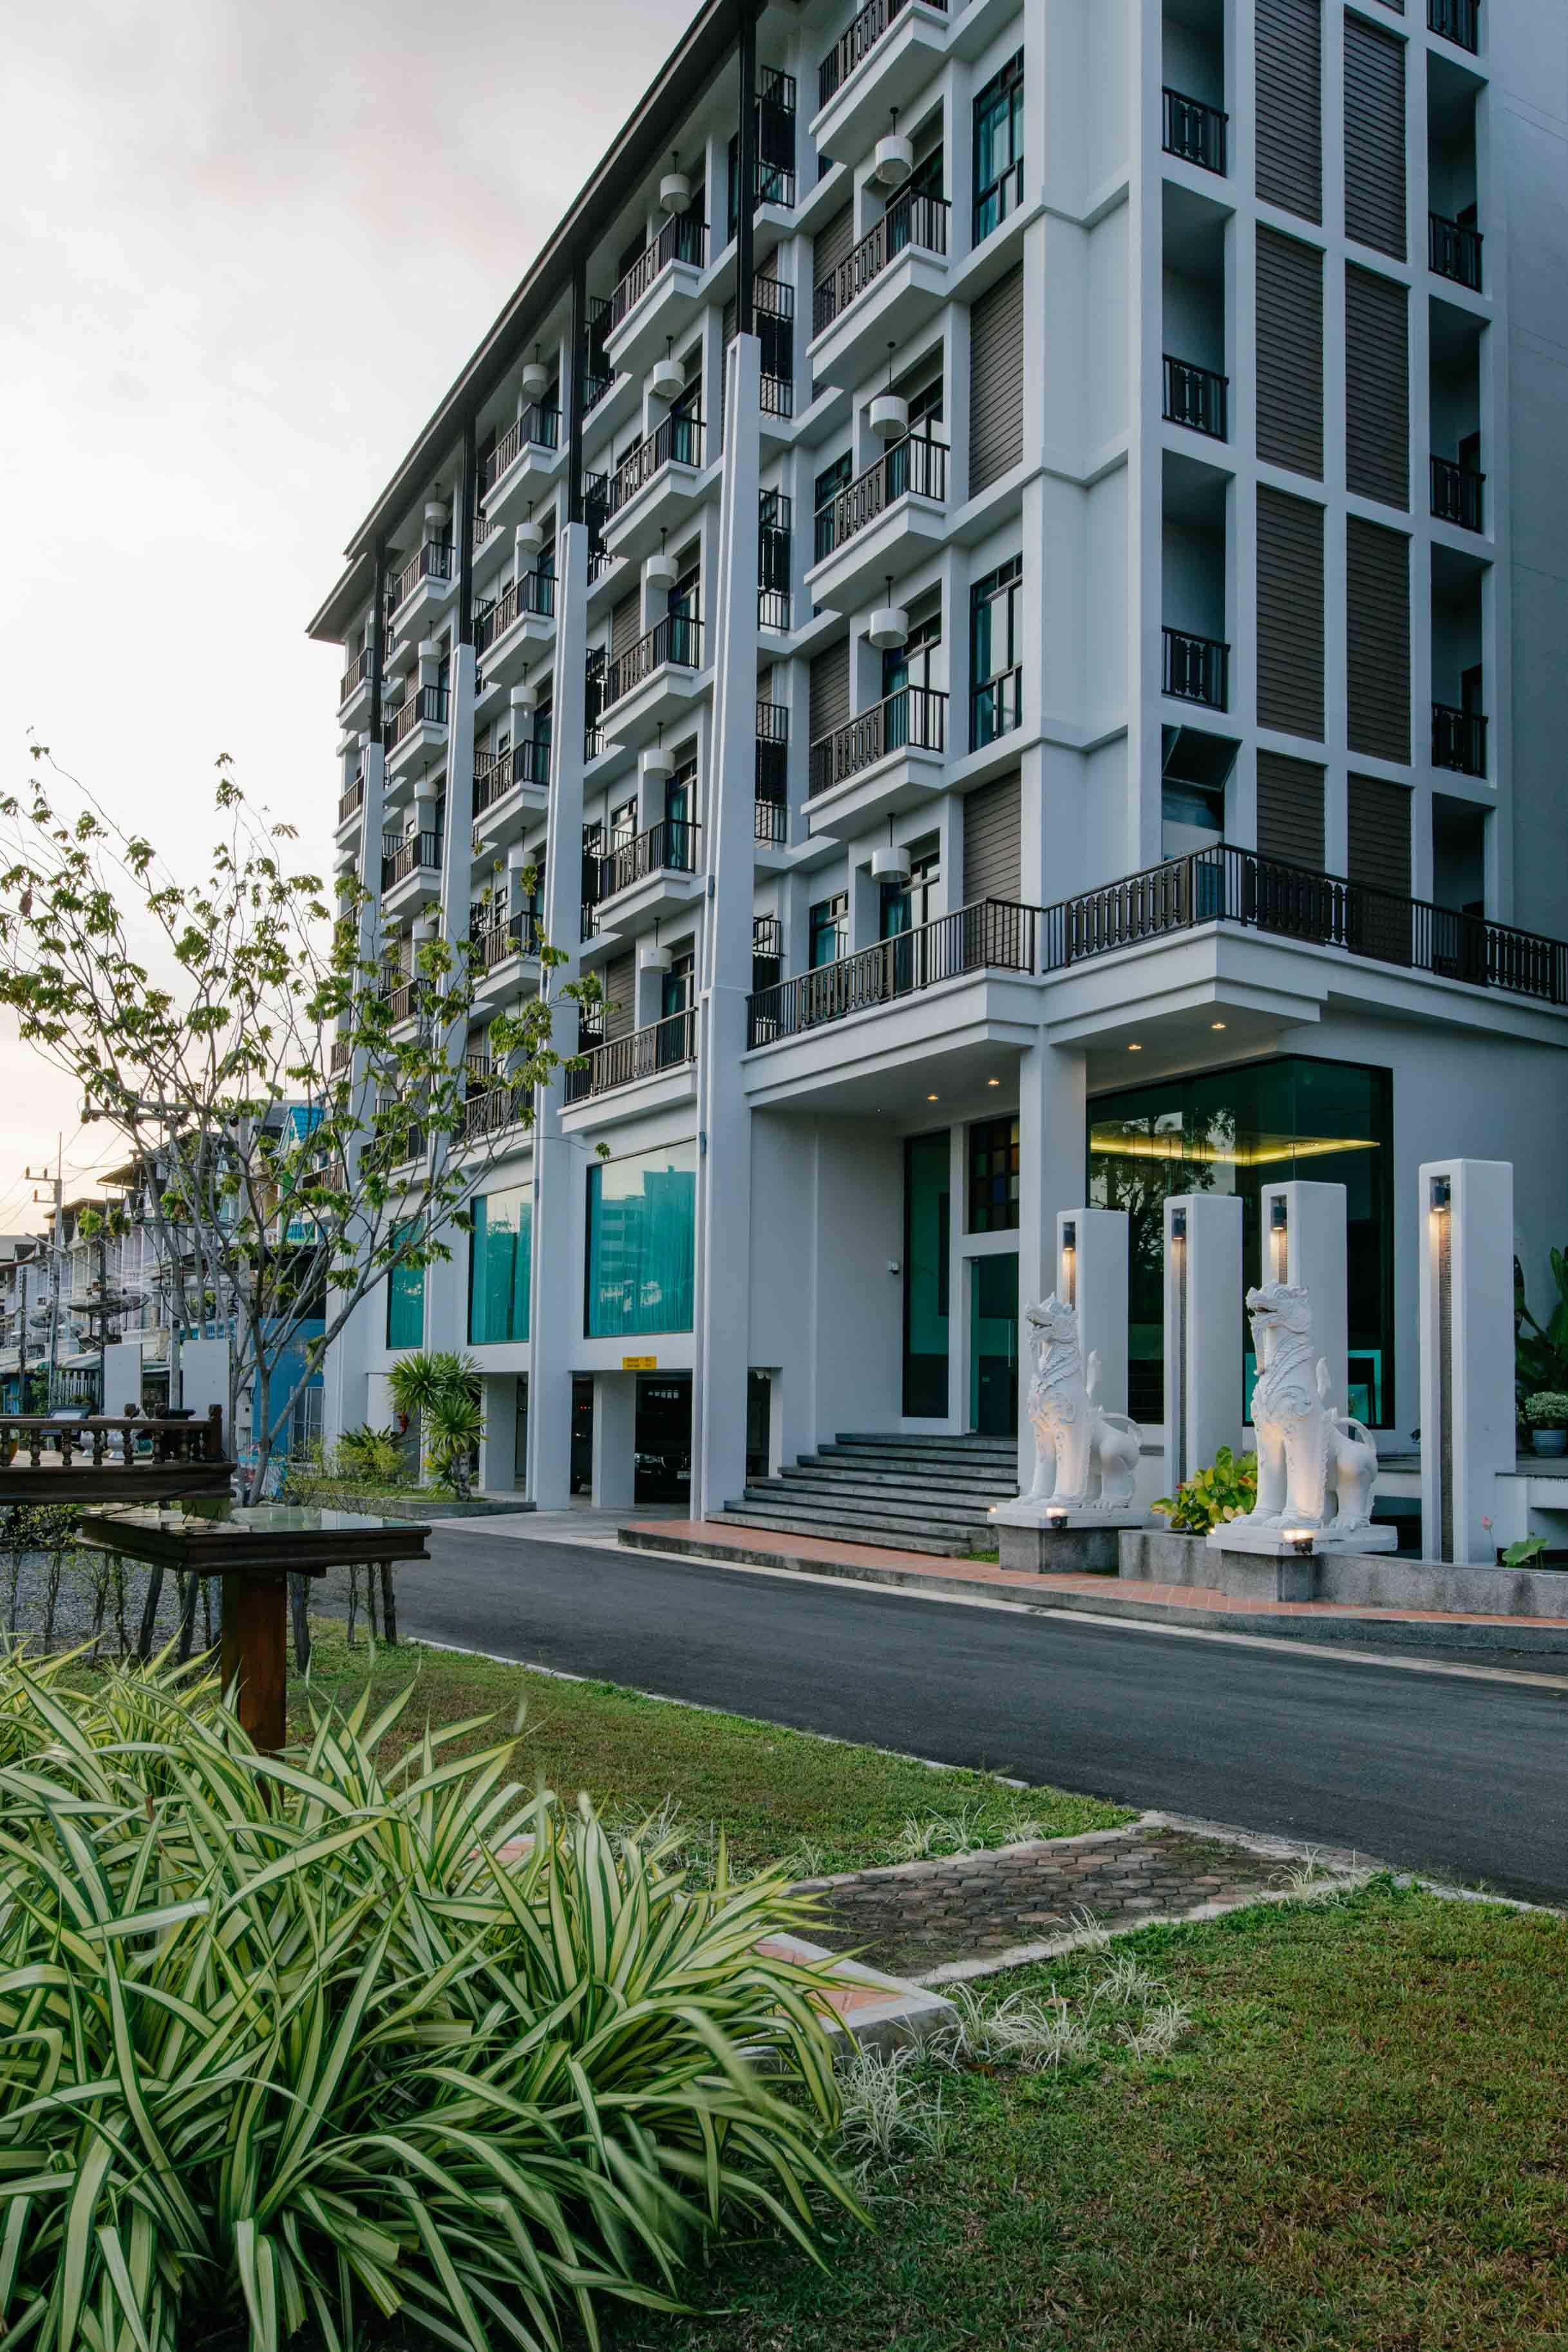 ที่พักหาดใหญ่,โรงแรมหรูหาดใหญ่,ม่อนคำหาดใหญ่